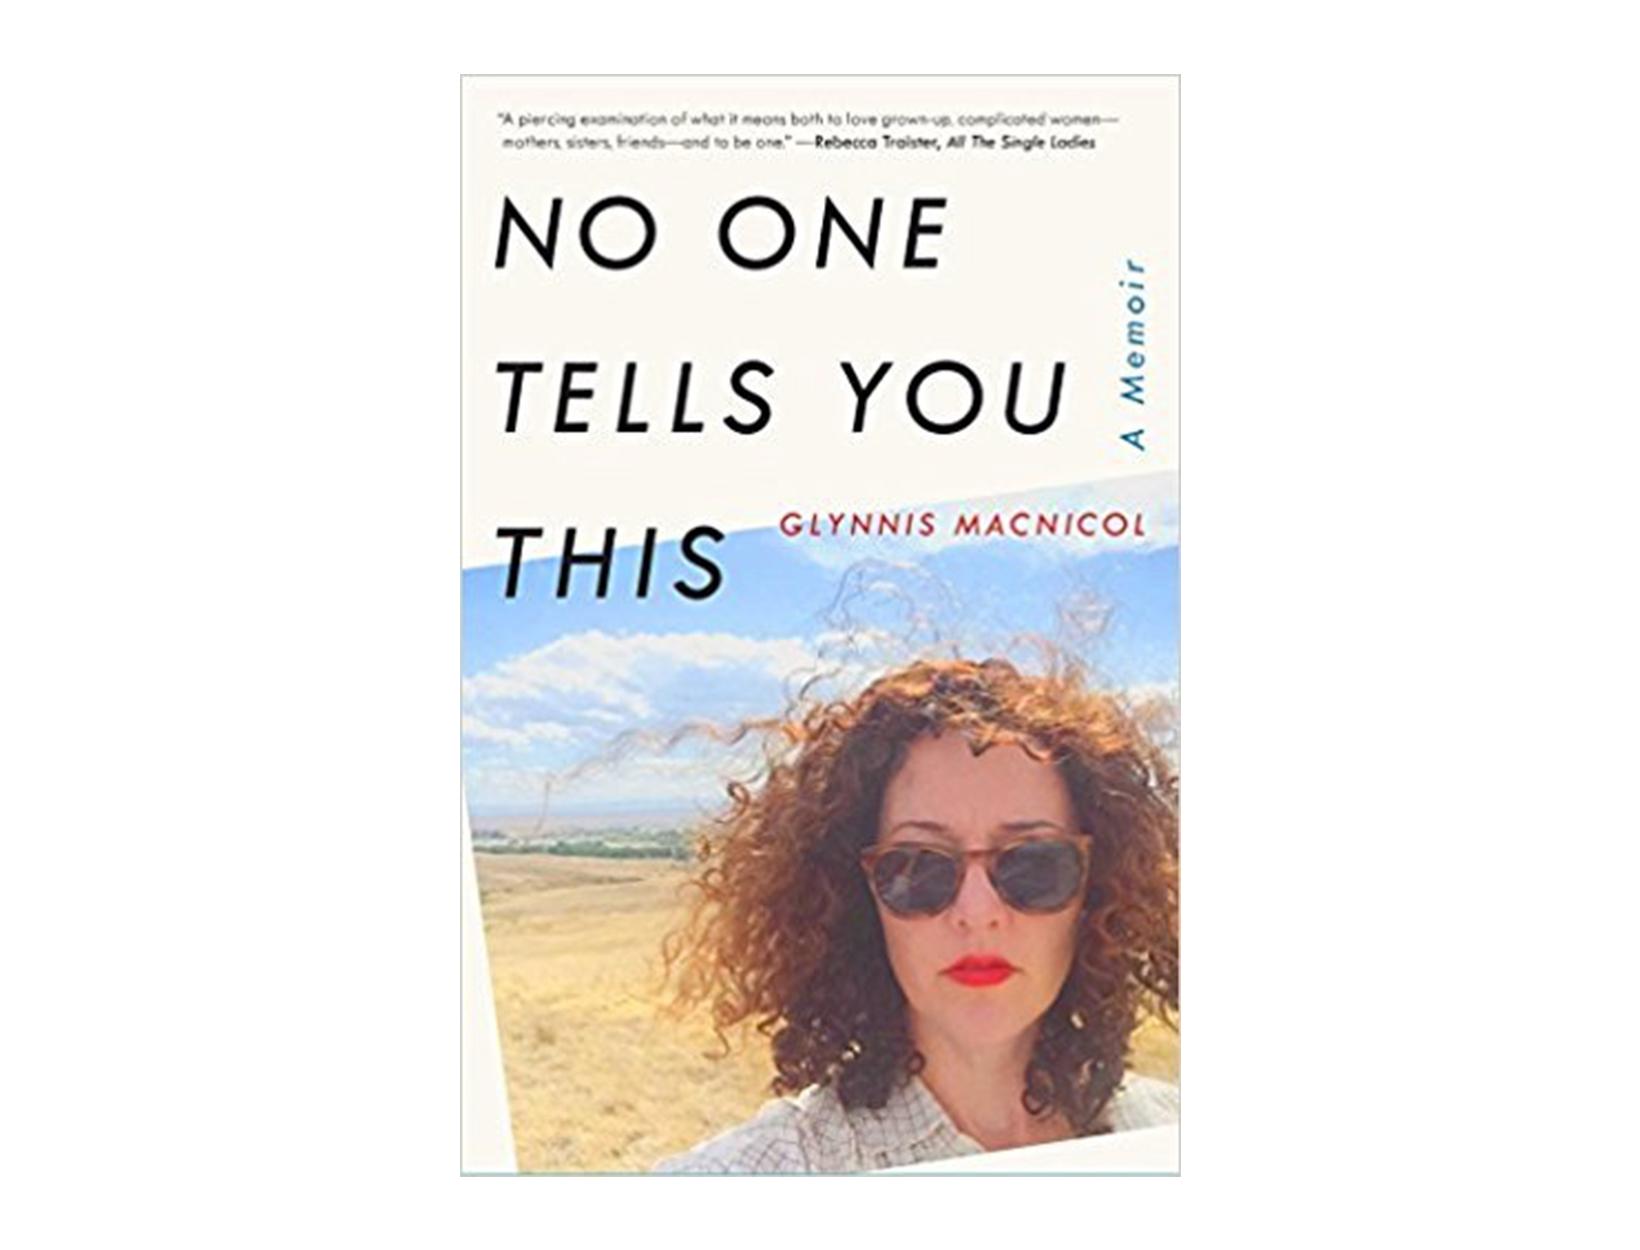 <em>No One Tells You This</em> by Glynnis MacNicol